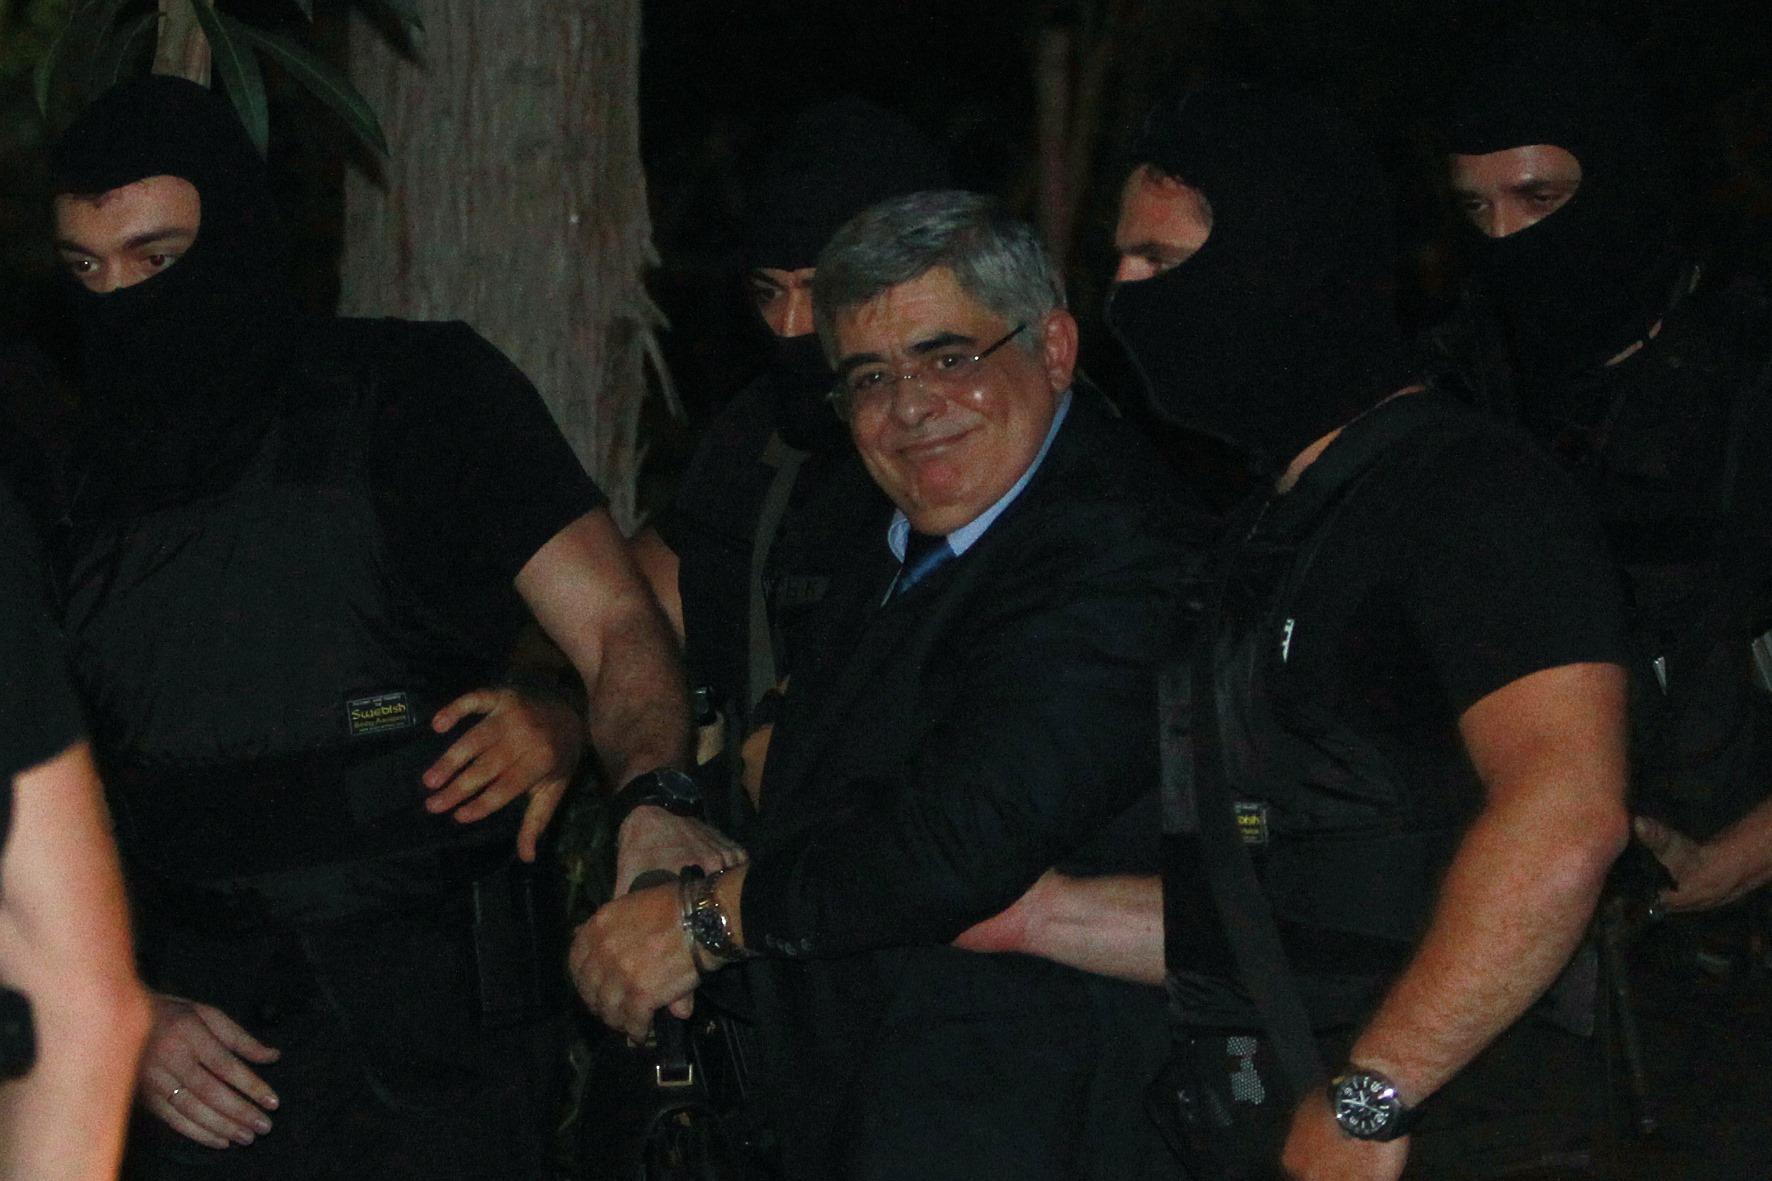 Προφυλακιστέος ο Νίκος Μιχαλολιάκος (βίντεο)